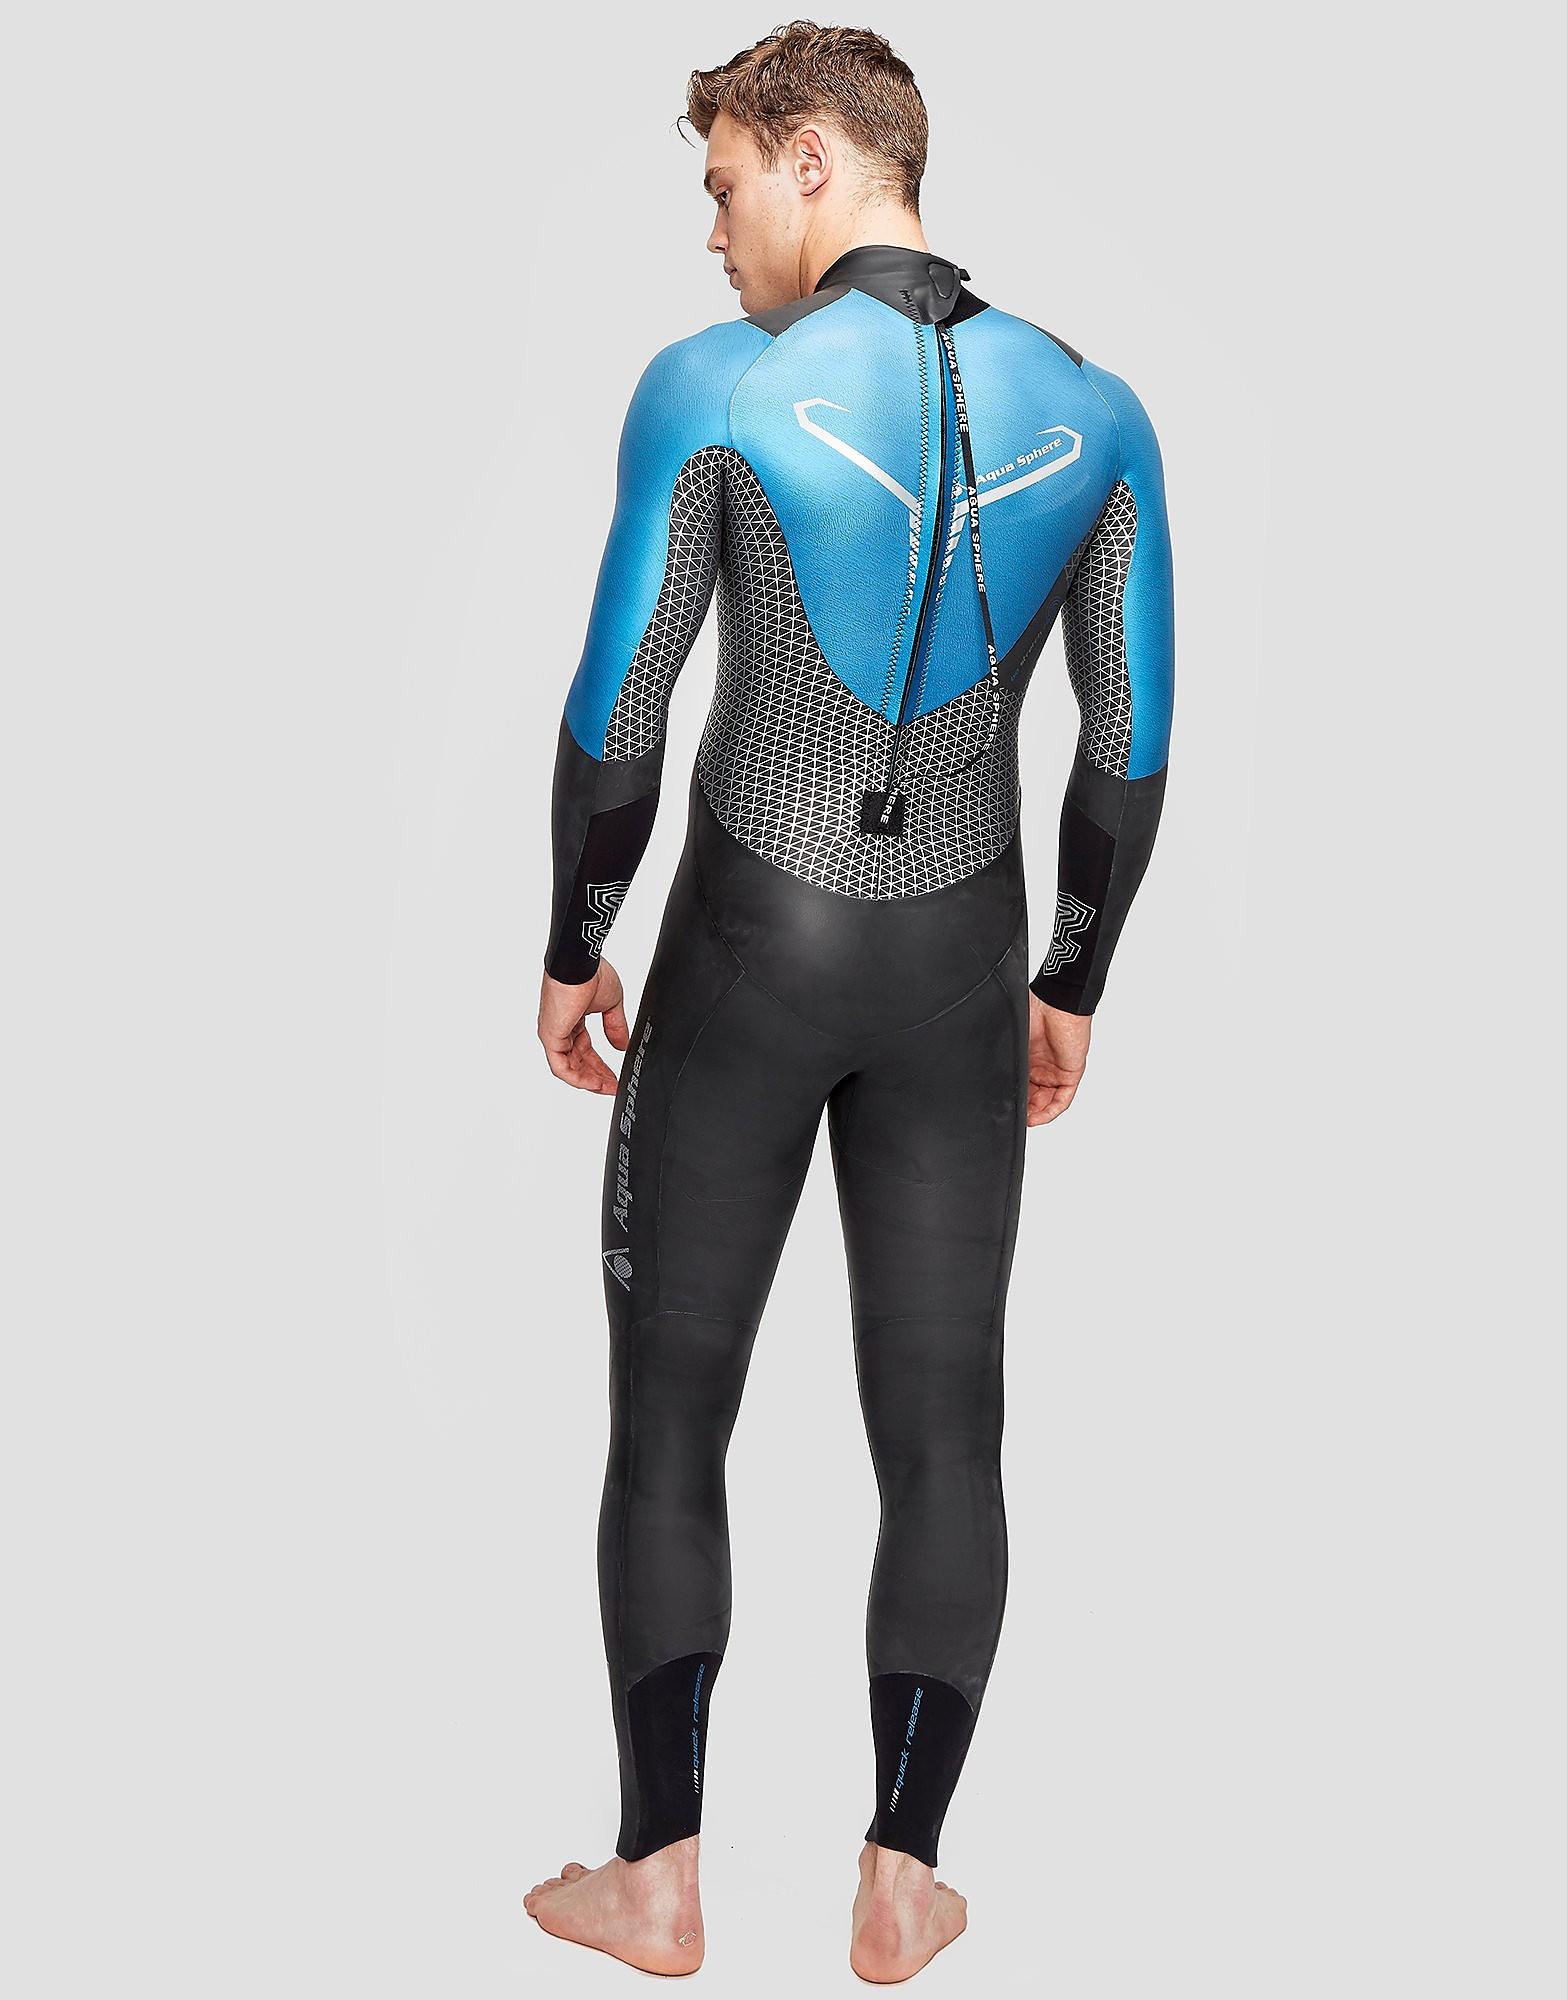 Aqua Sphere Racer Wetsuit